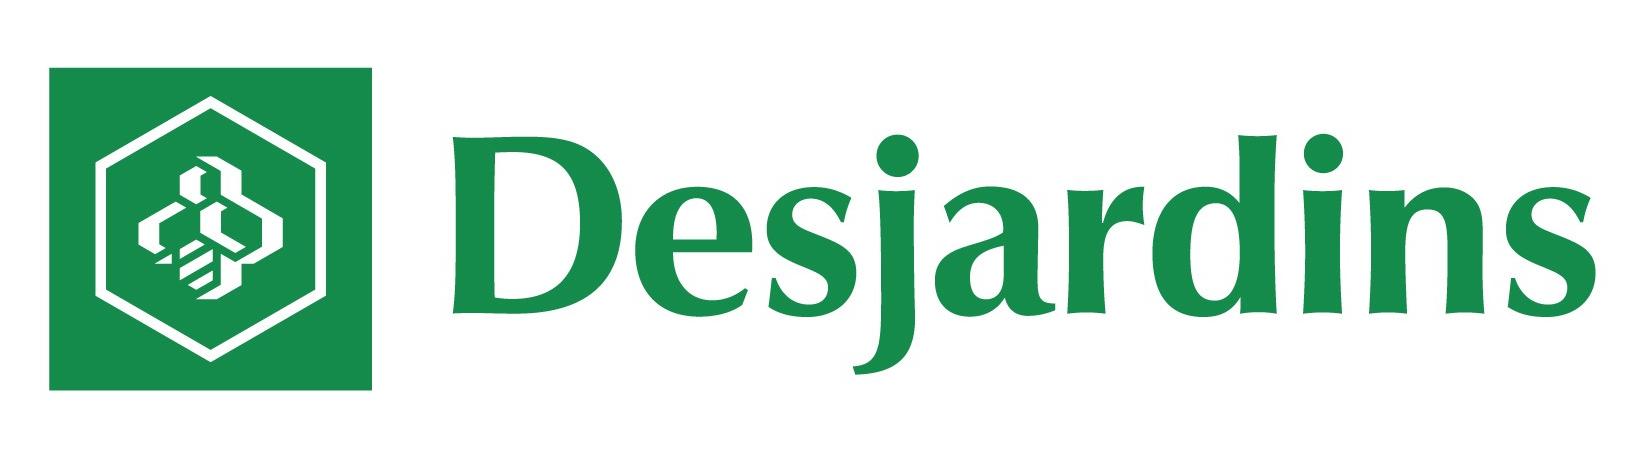 Image result for logo of desjardins